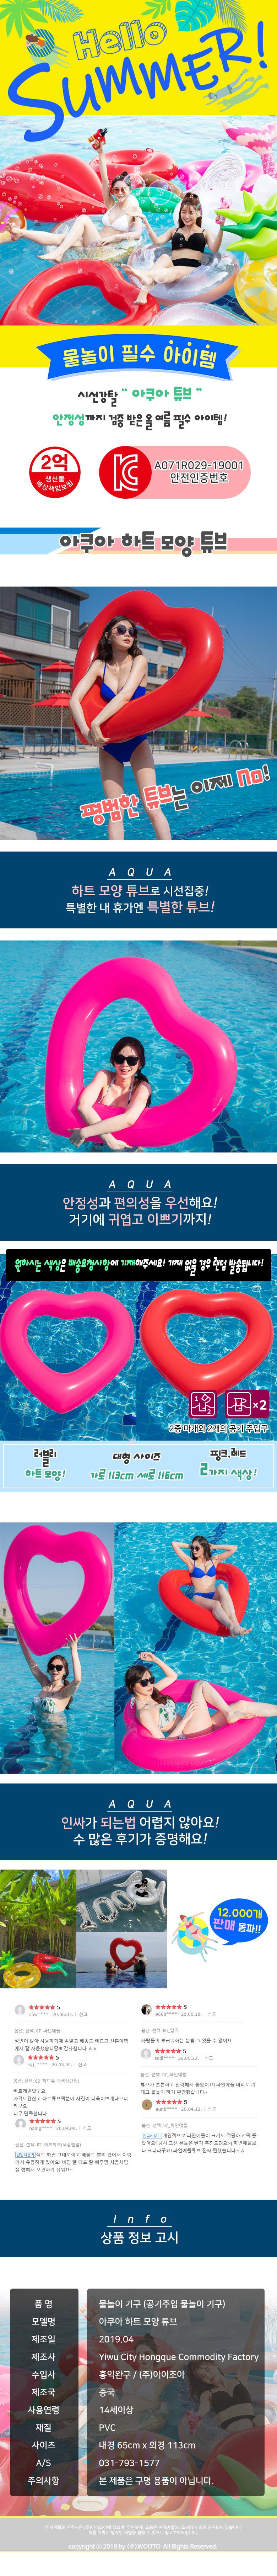 아쿠아 하트 모양튜브 (랜덤) - 우토, 8,900원, 튜브/구명조끼, 튜브